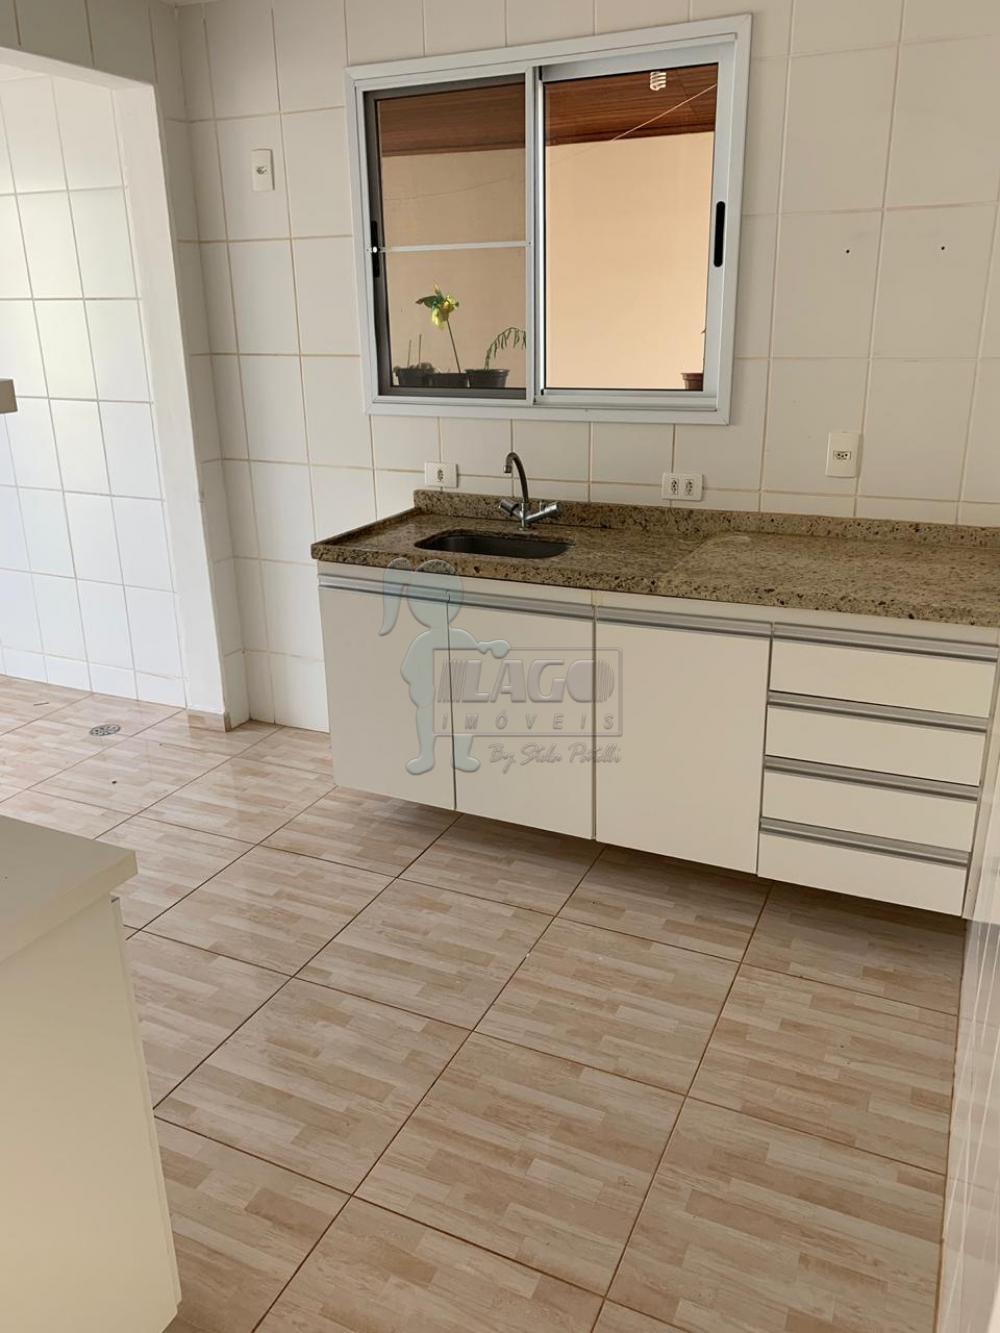 Comprar Casas / Condomínio em Ribeirão Preto apenas R$ 460.000,00 - Foto 3